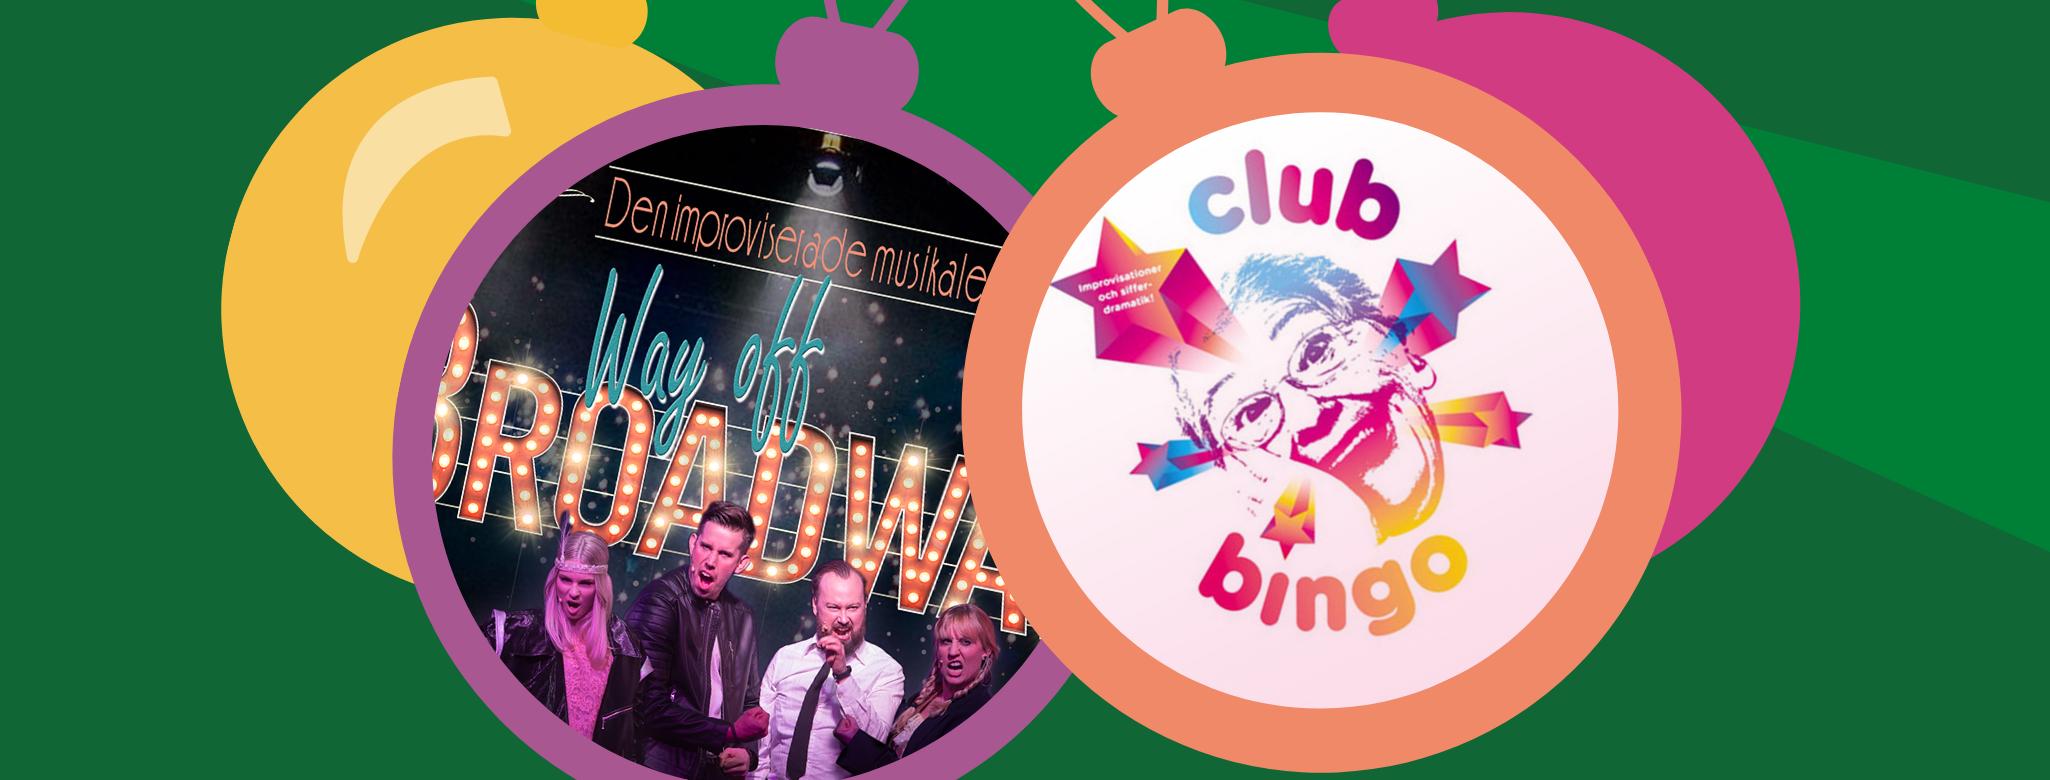 Club Bingo & Way off Broadway - Julspecial!